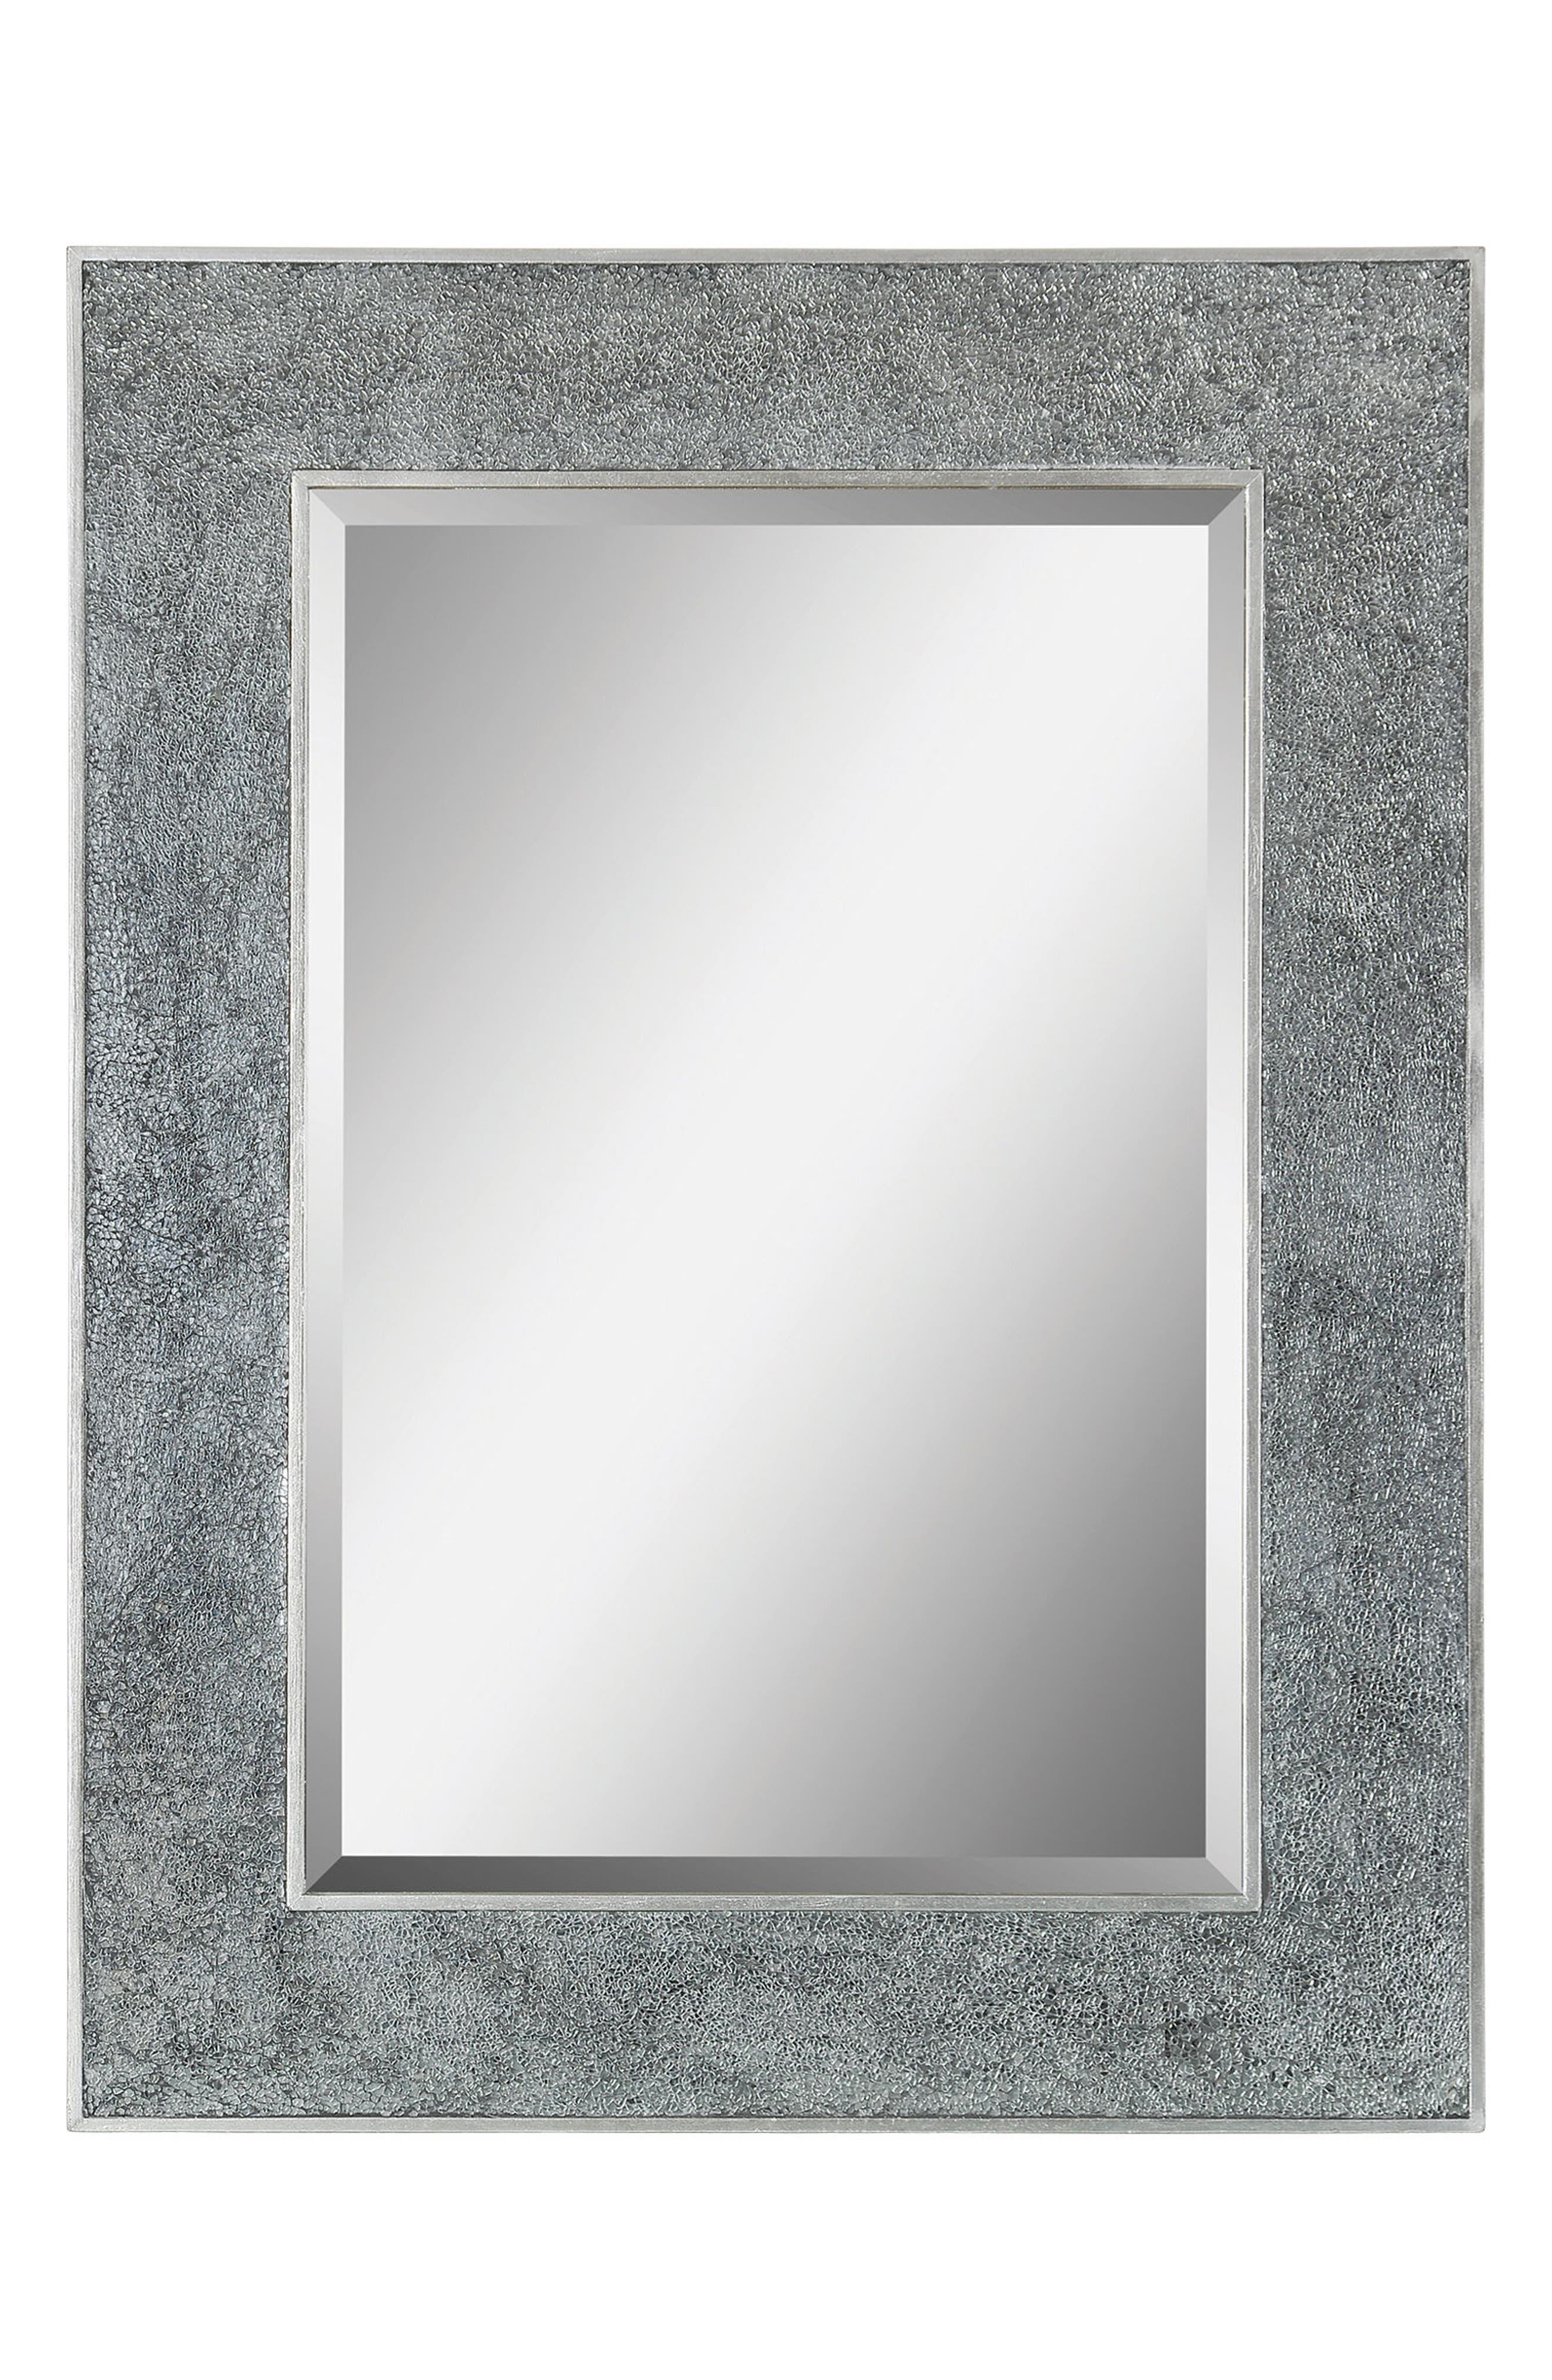 Alternate Image 1 Selected - Renwil Helena Mirror